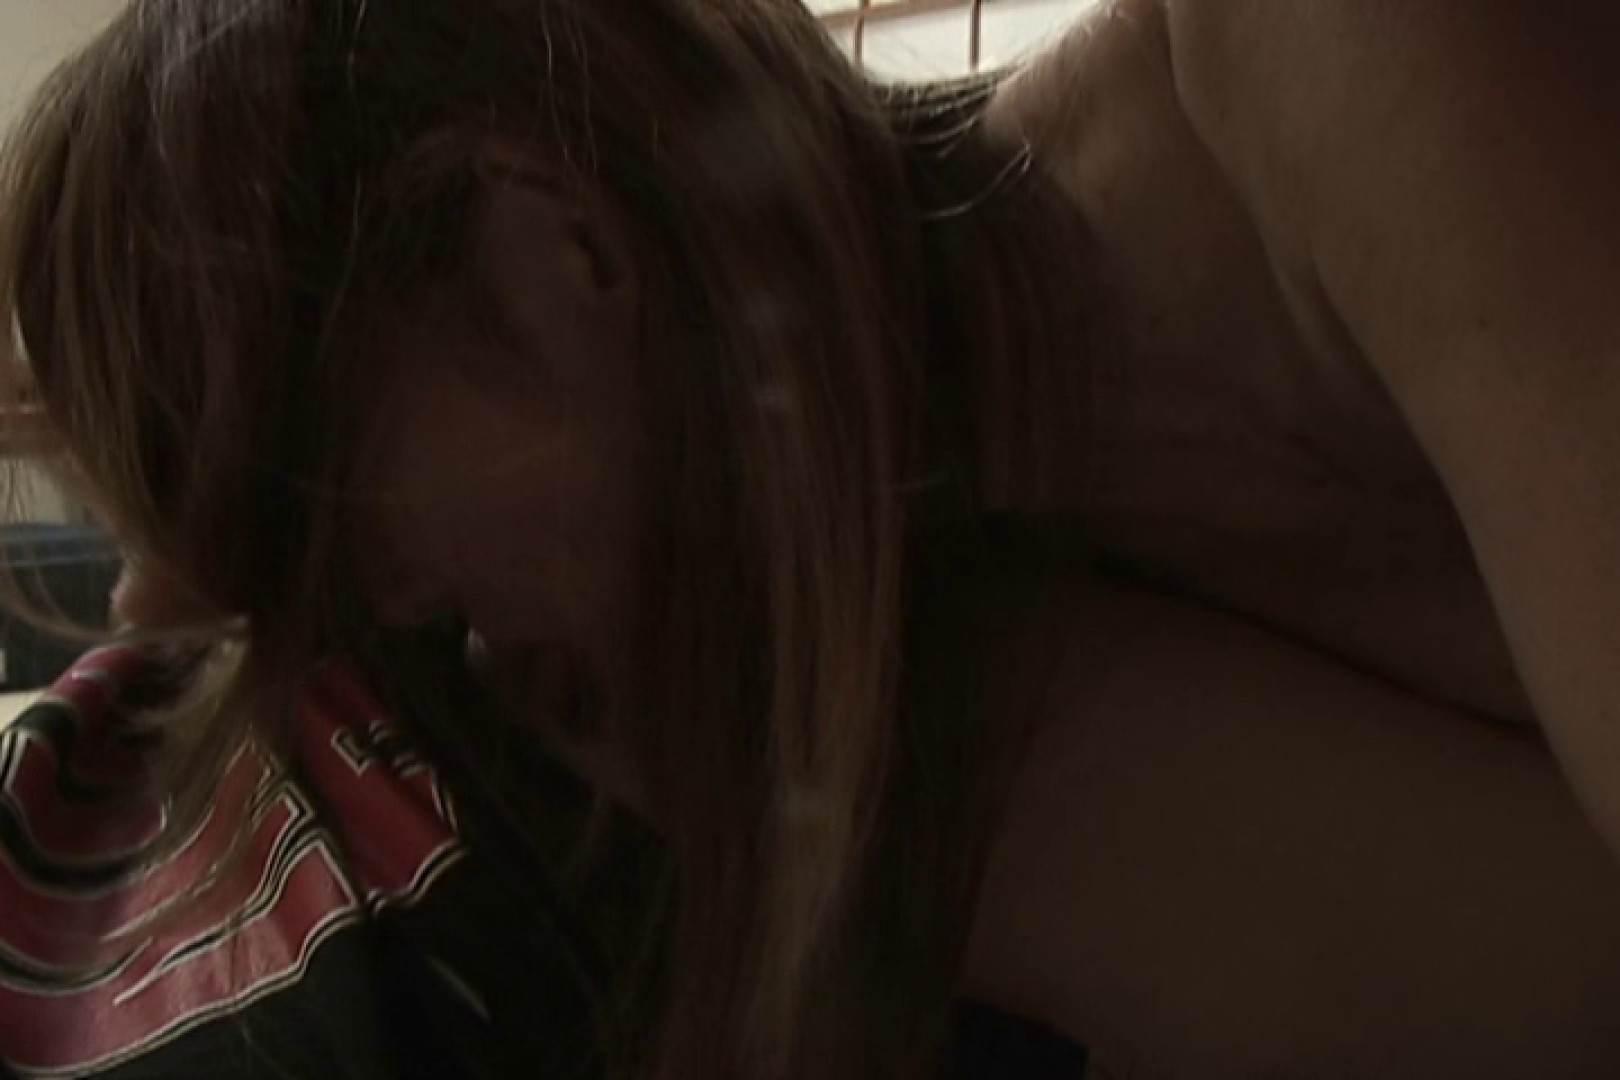 Aカップ奥様はまたがるのが大好き~森山ゆきこ~ フェラ | オナニー  91連発 91